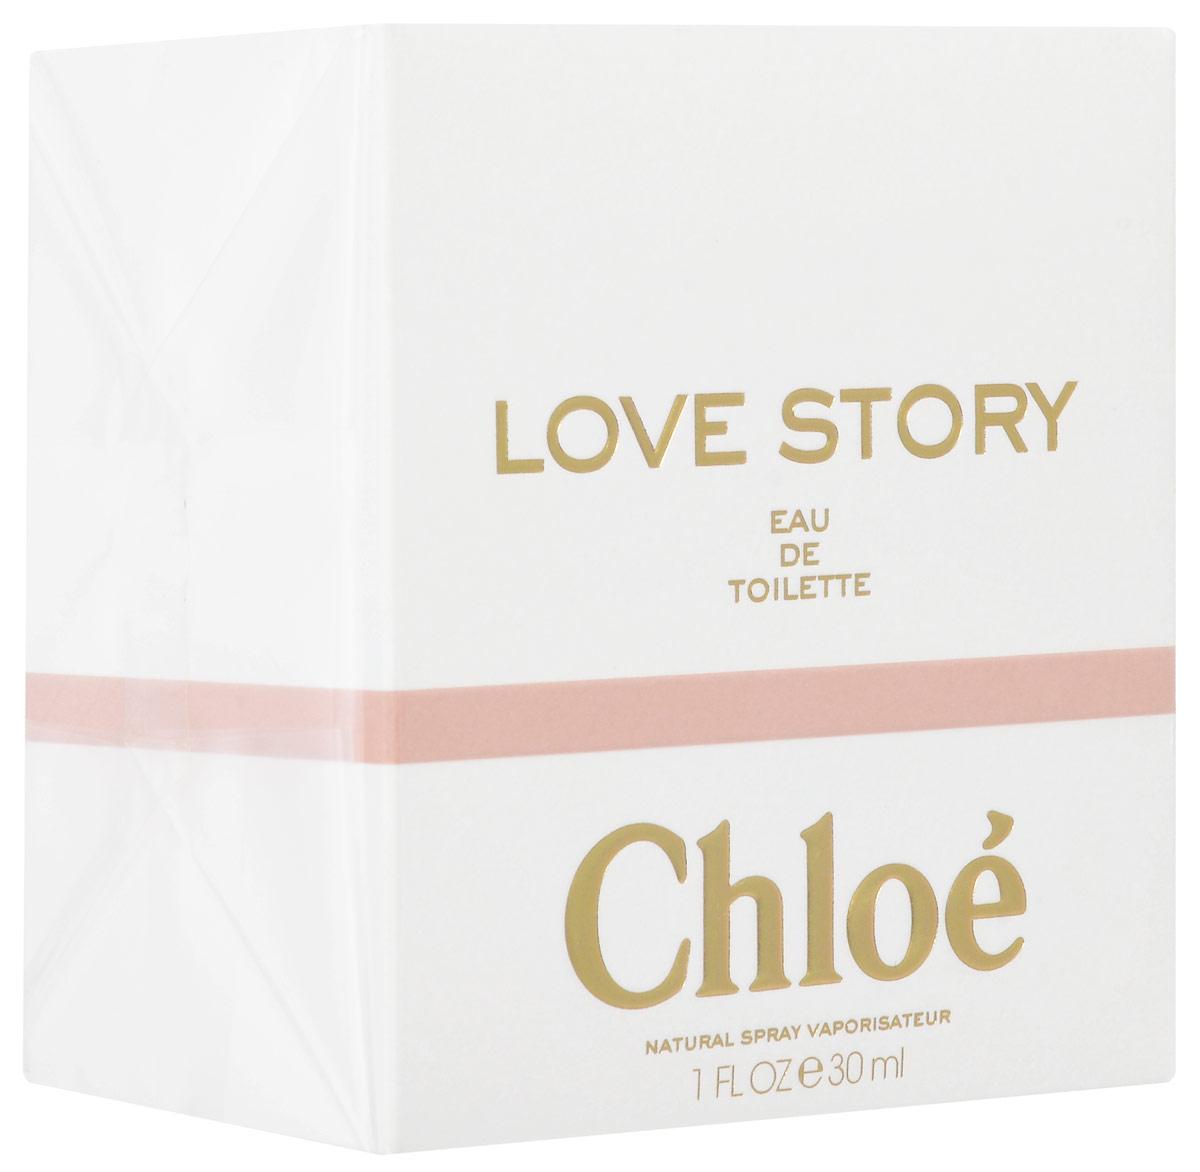 Chloe Love Story Туалетная вода женская 30 млSC-FM20101Особенное утро, наполненное сверкающим светом. Нежный цветочный аромат бутонов апельсина сливается со свежестью утренней росы. Она вспоминает их смех. Искры настурции, легкая перчинка - эти ноты заставляют ее трепетать от неги. Этот цветок - символ любви, который дается лишь тому, кто готов открыть своё сердце. Воспоминания о пламенном свидании в пустом городе, они - рука об руку. Настоящая близость. Цветущая слива раскрывает природную чувственность. Невероятно изысканное звучание, обрамленное цветочными нотами. Туалетная вода Chloe Love Story - это новая история любви. Свежий, цветочный и очень чувственный аромат. Чистый соблазн, нанесенный на кожу.Верхняя нота: Бергамот; ноты сердца: Апельсин, Слива, Настурция, Ландыш.Средняя нота: Роза.Шлейф: белый мускус.Цветущая слива раскрывает природную чувственность.Дневной и вечерний аромат.